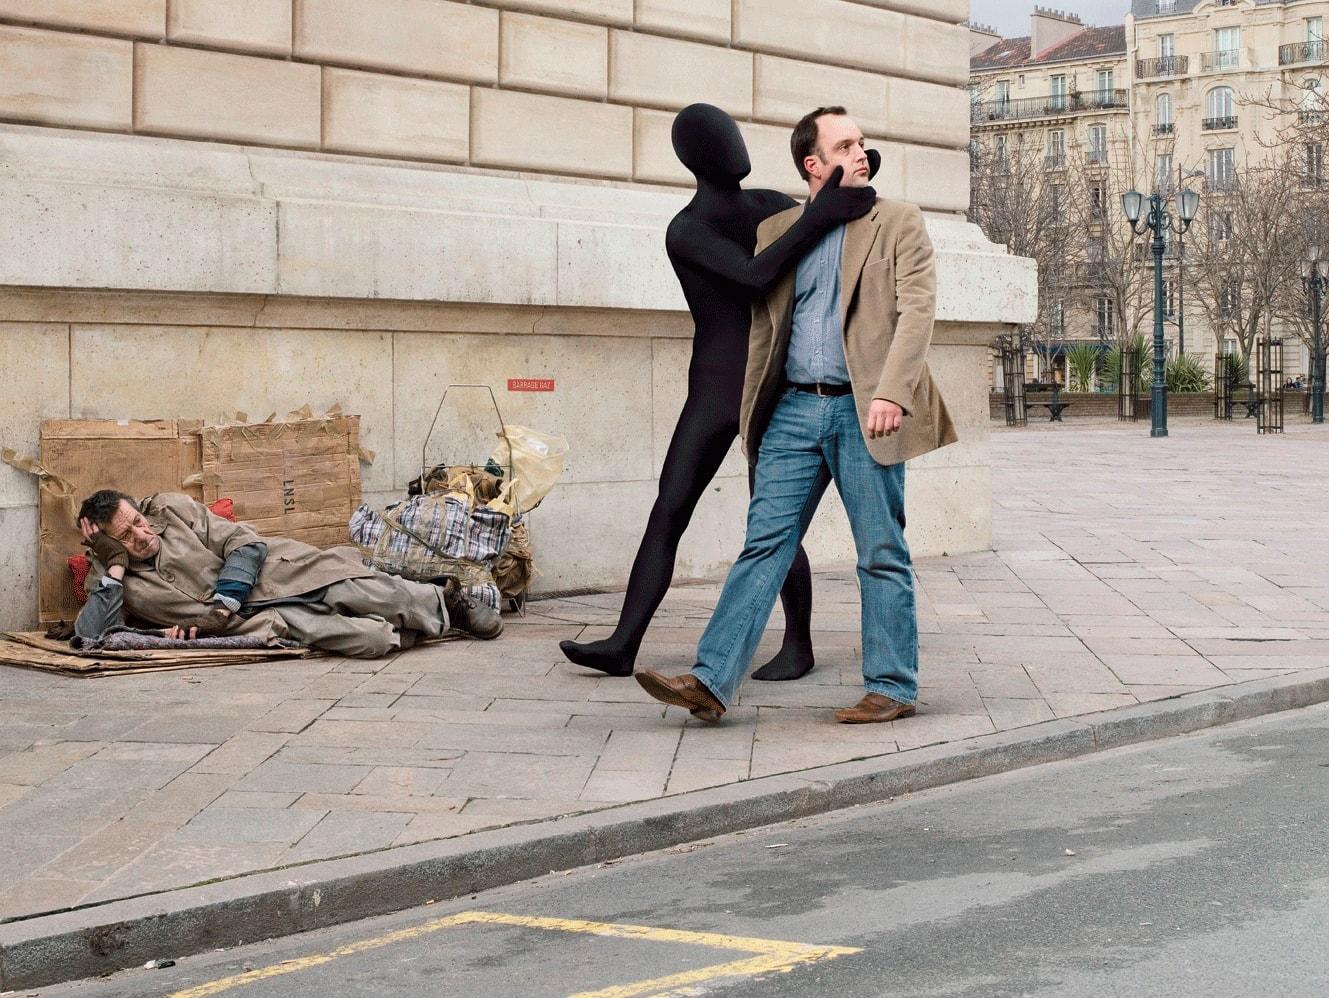 Мужчина отвернувшись равнодушно проходит мимо бездомного